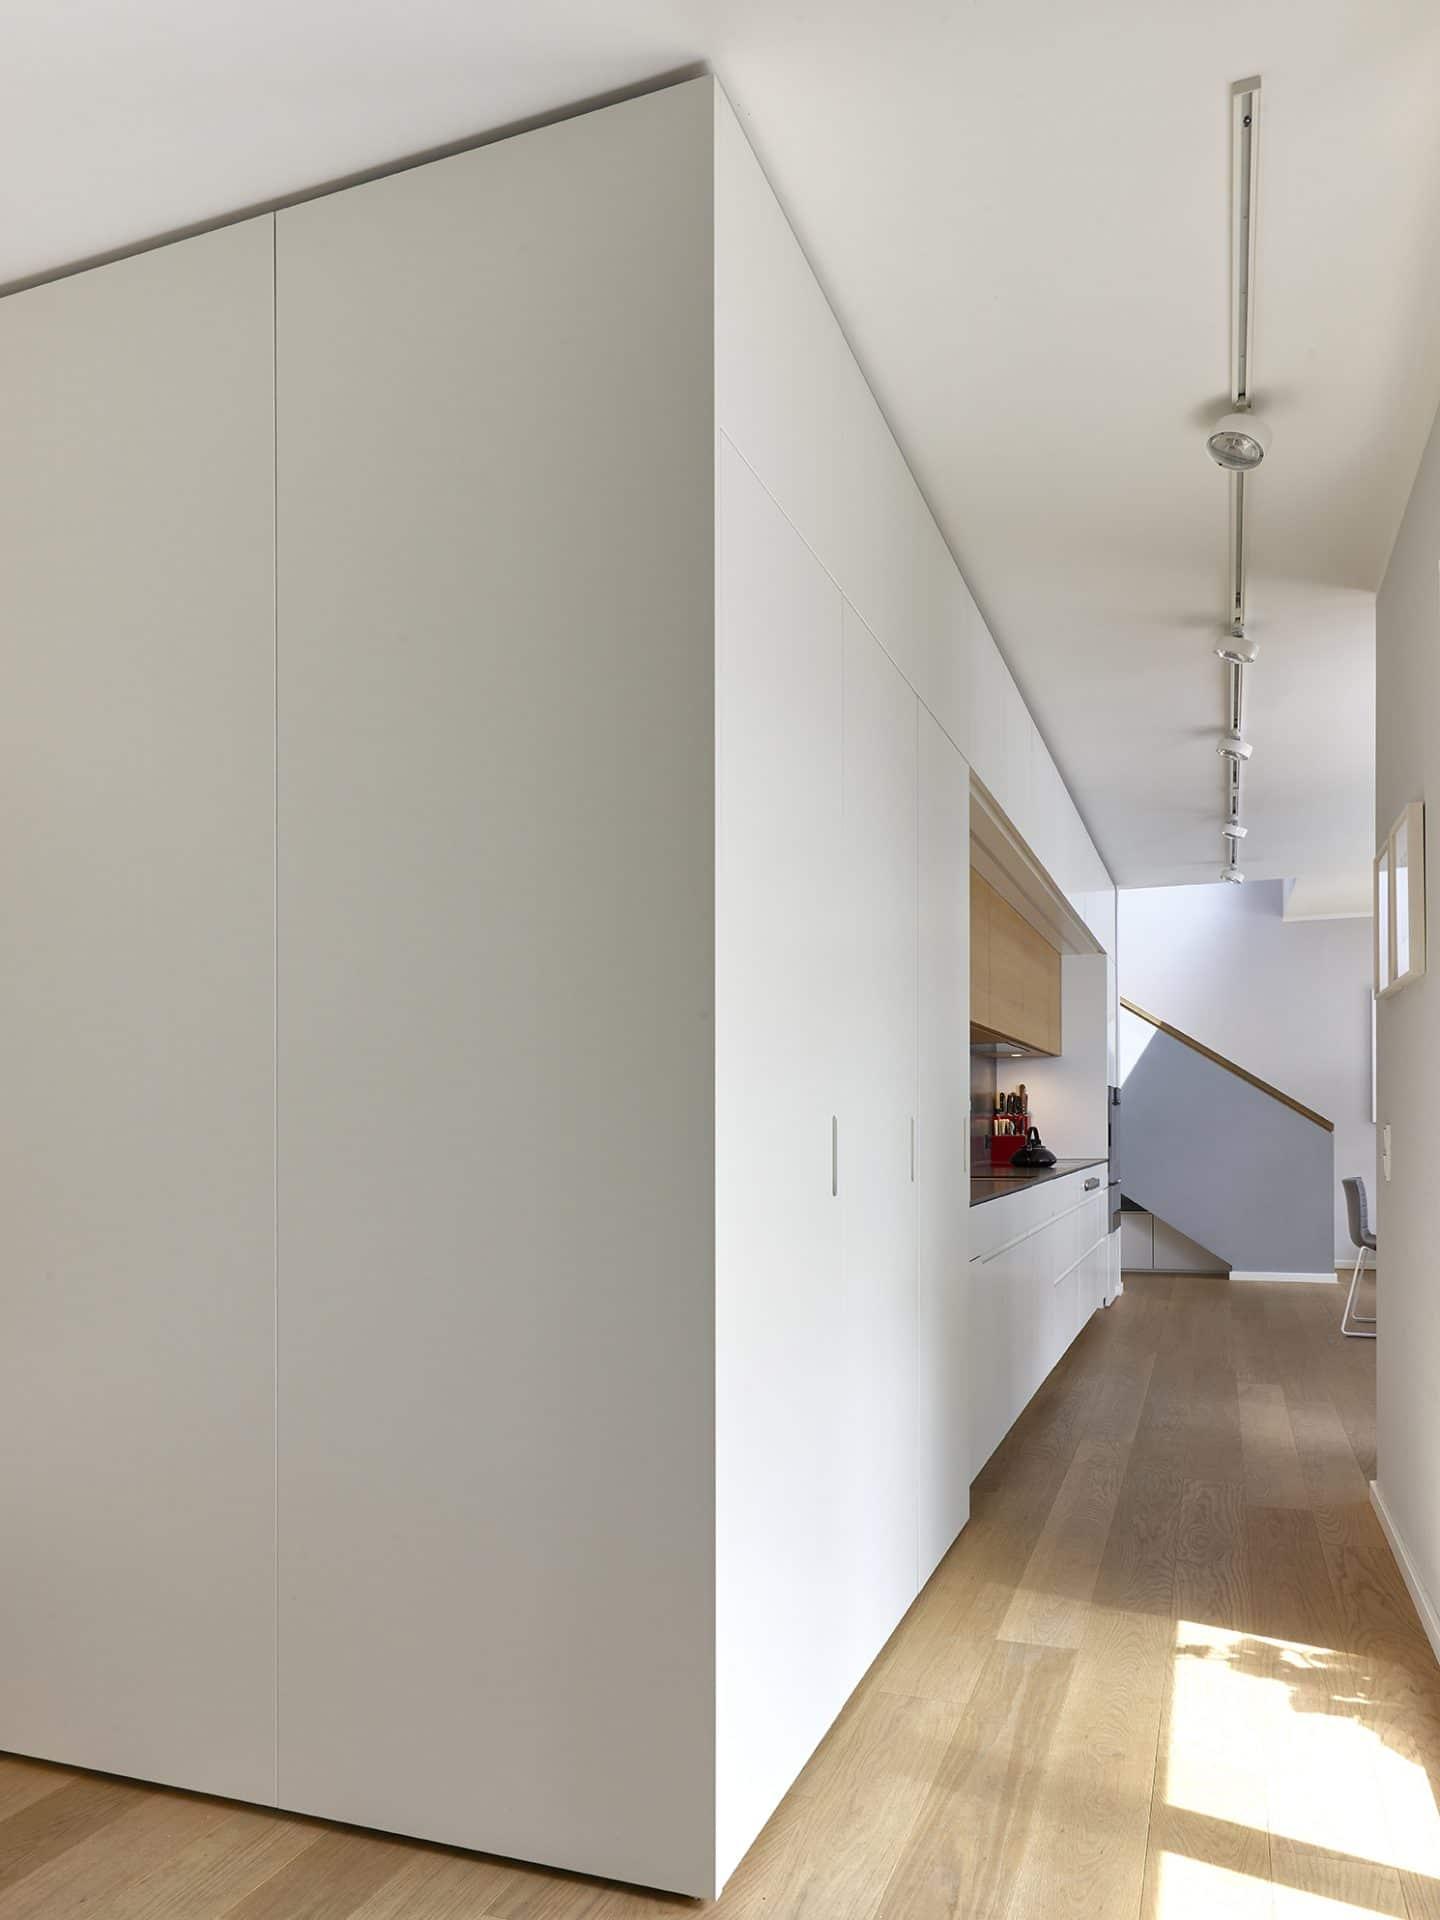 Inneneinrichtungsdesign von Voit, Küche mit weißen Fronten und schwarzer Arbeitsplatte - Blick in die Küche aus dem Gang